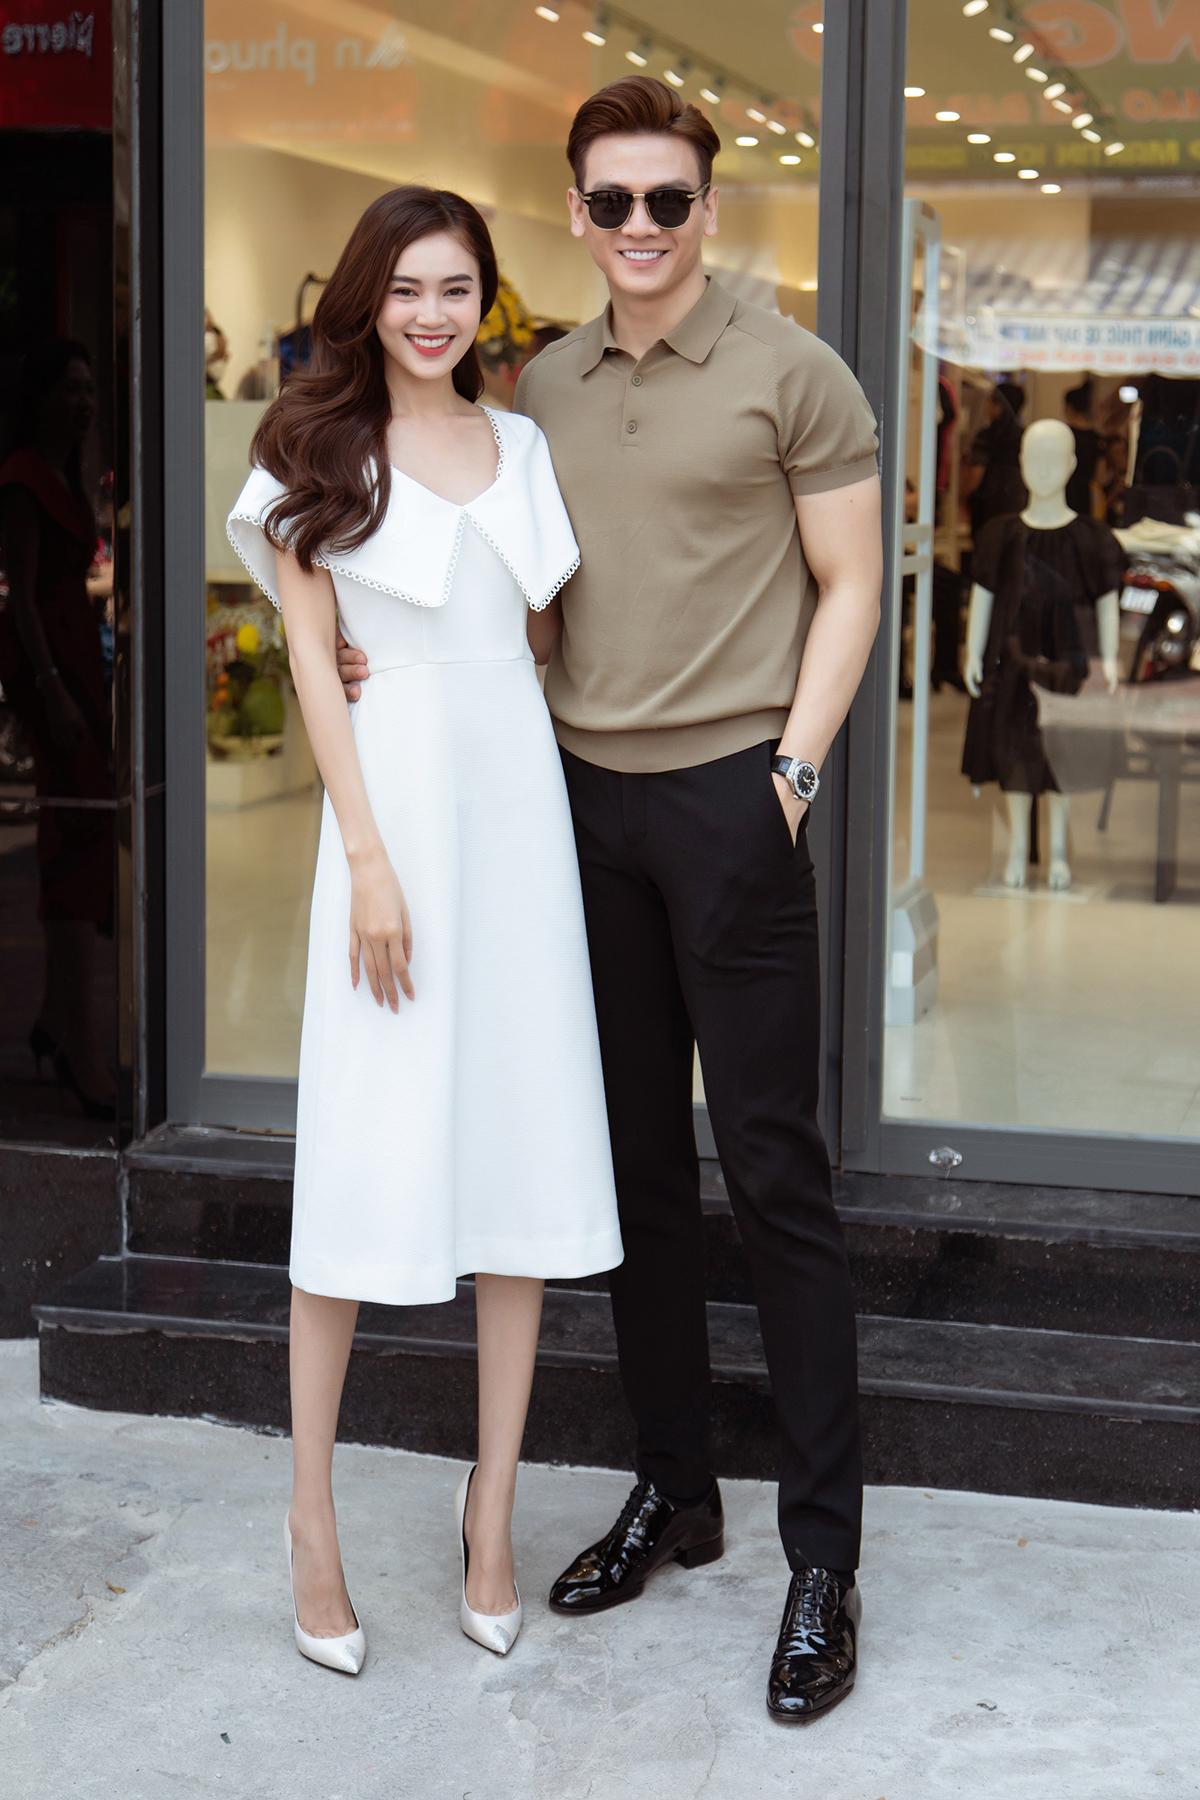 Xuất hiện bên cạnh Lan Ngọc là diễn viên/người mẫu Lê Xuân Tiền. Anh trông lịch lãm với áo polo kết hợp cùng quần âu đen. Sau khi đóng chung phim điện ảnh, họ vẫn giữ mối quan hệ thân thiết, thường xuất hiện cùng nhau.